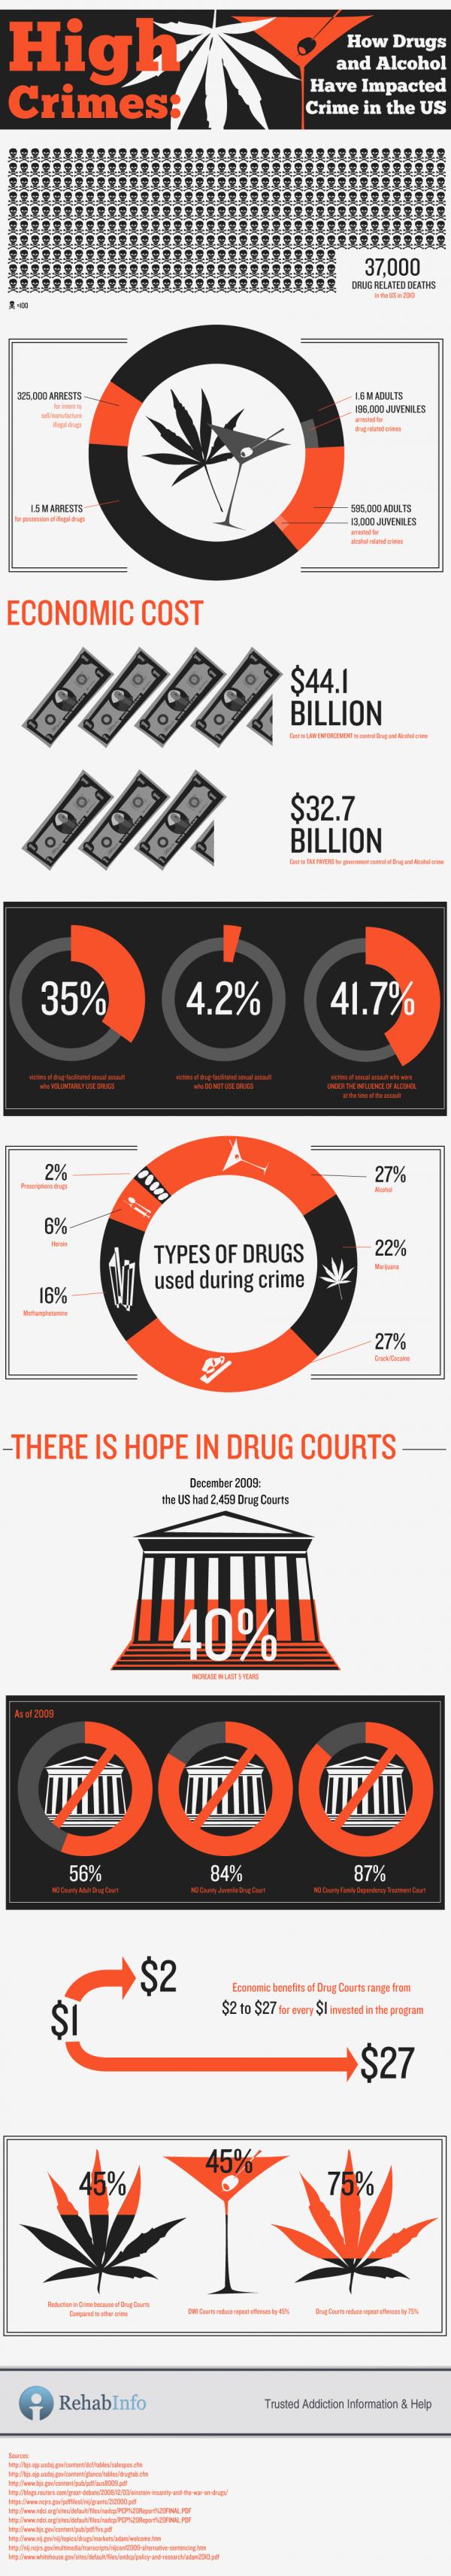 Drug Crimes IG